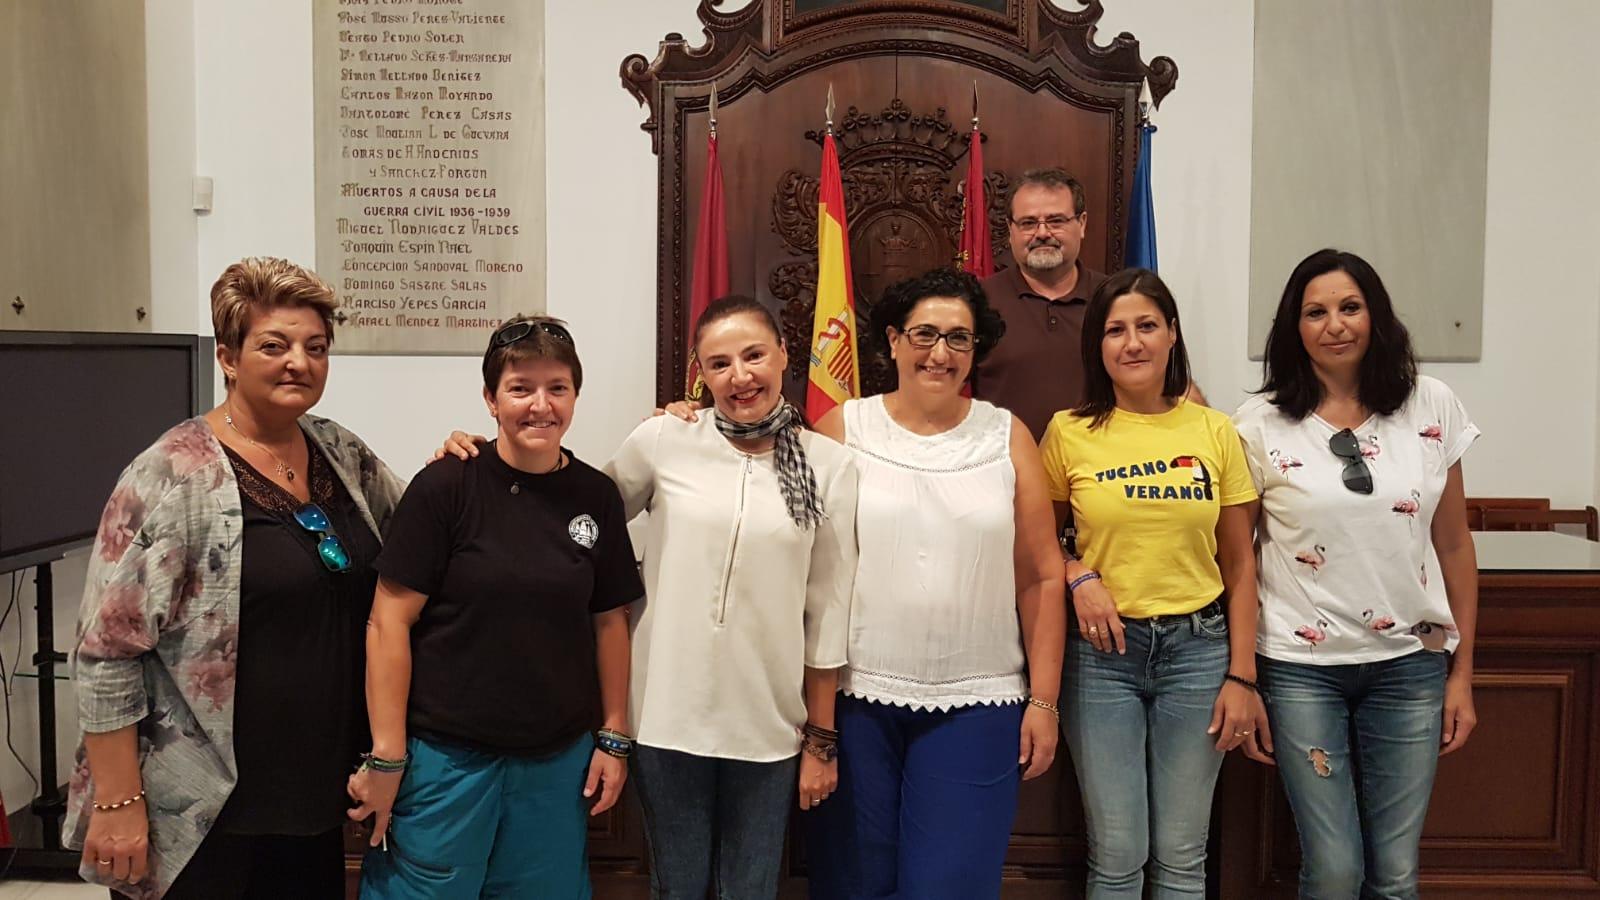 """Mateos: """"Gracias al tesón, a la constancia y a la lucha de padres como Mari Carmen hoy celebramos un gran paso para seguir avanzando en igualdad hacia una sociedad más inclusiva"""""""